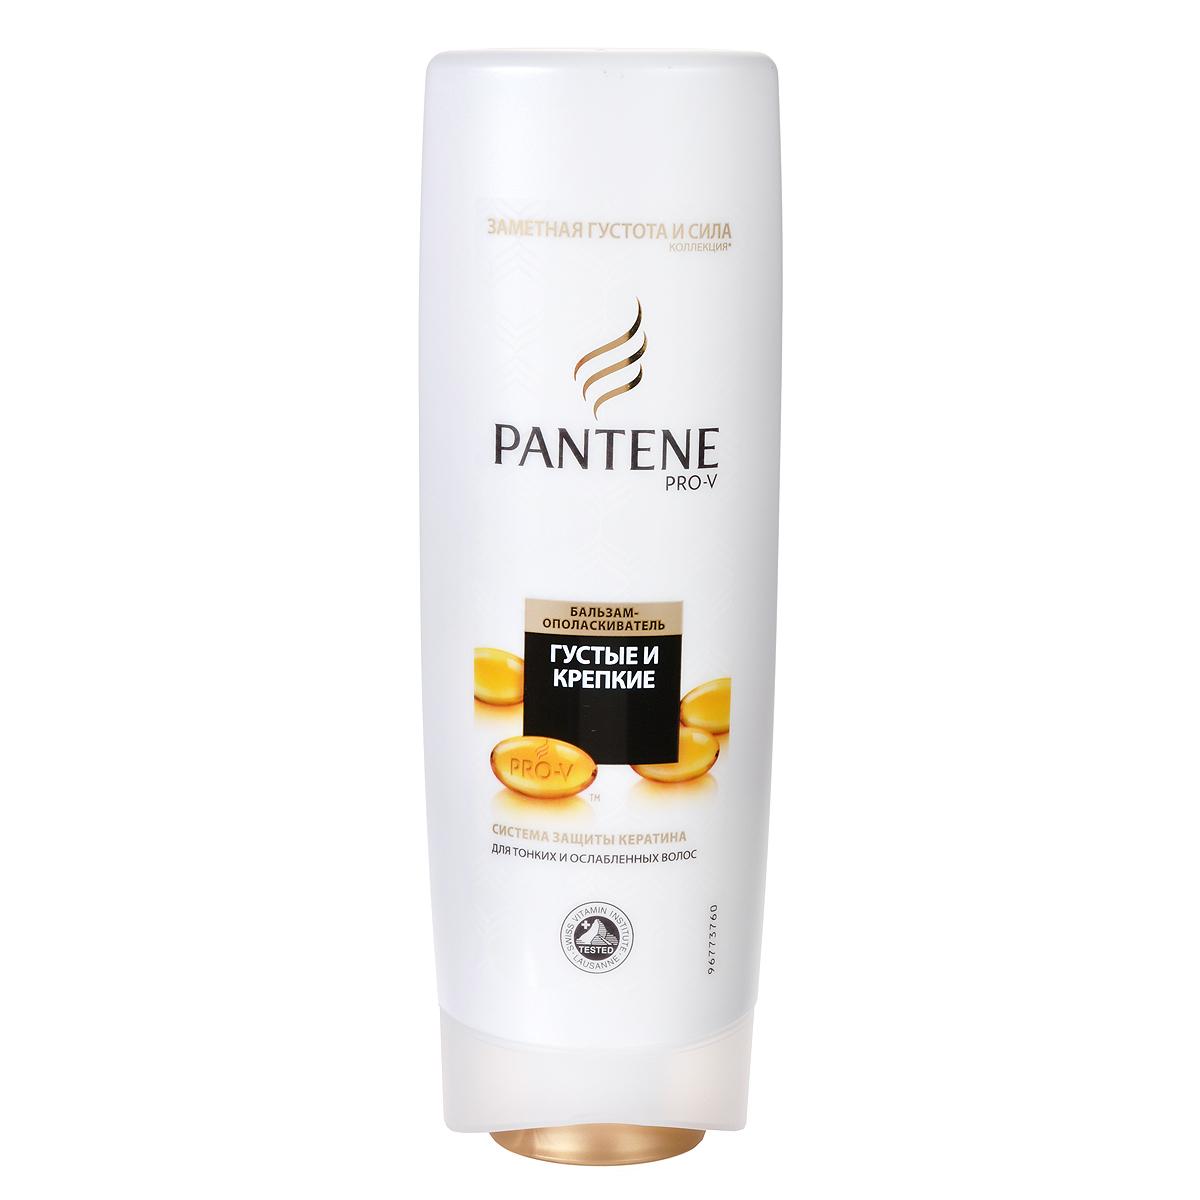 Pantene Pro-V Бальзам-ополаскиватель Густые и крепкие, для тонких и ослабленных волос, 400 мл